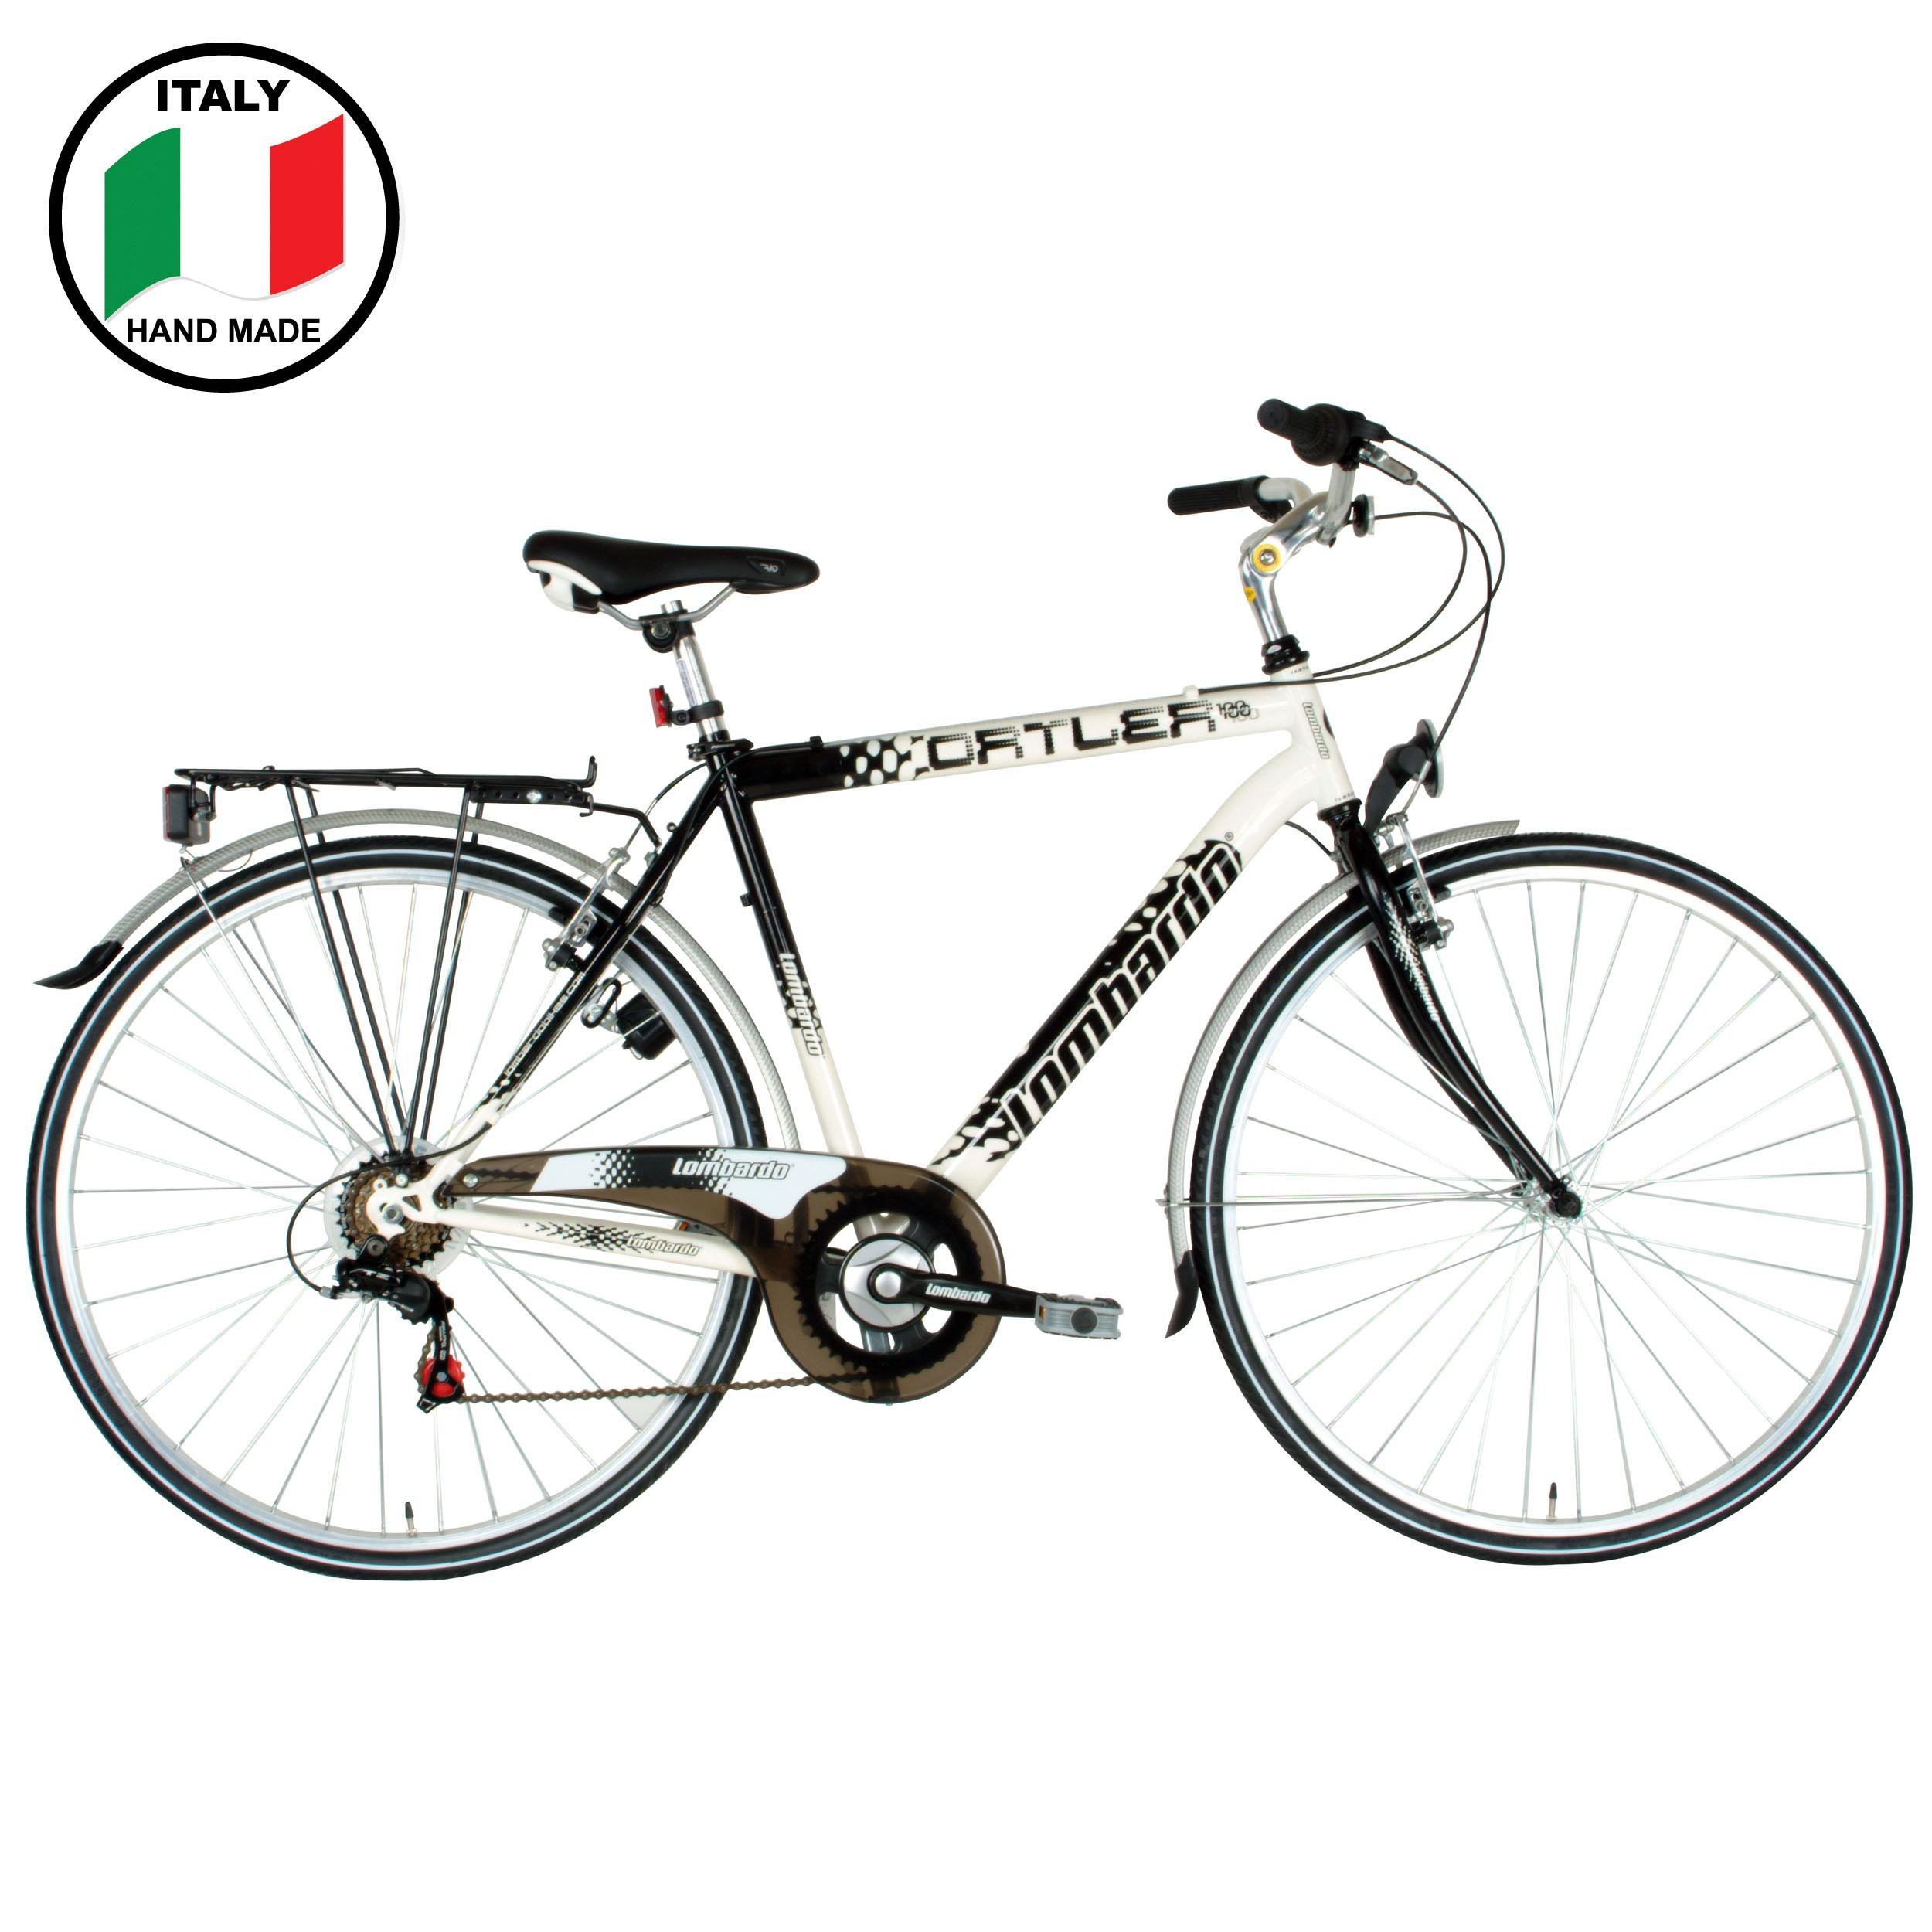 Lombardo Ortler 100 28 Inch Men S Bike Black And White